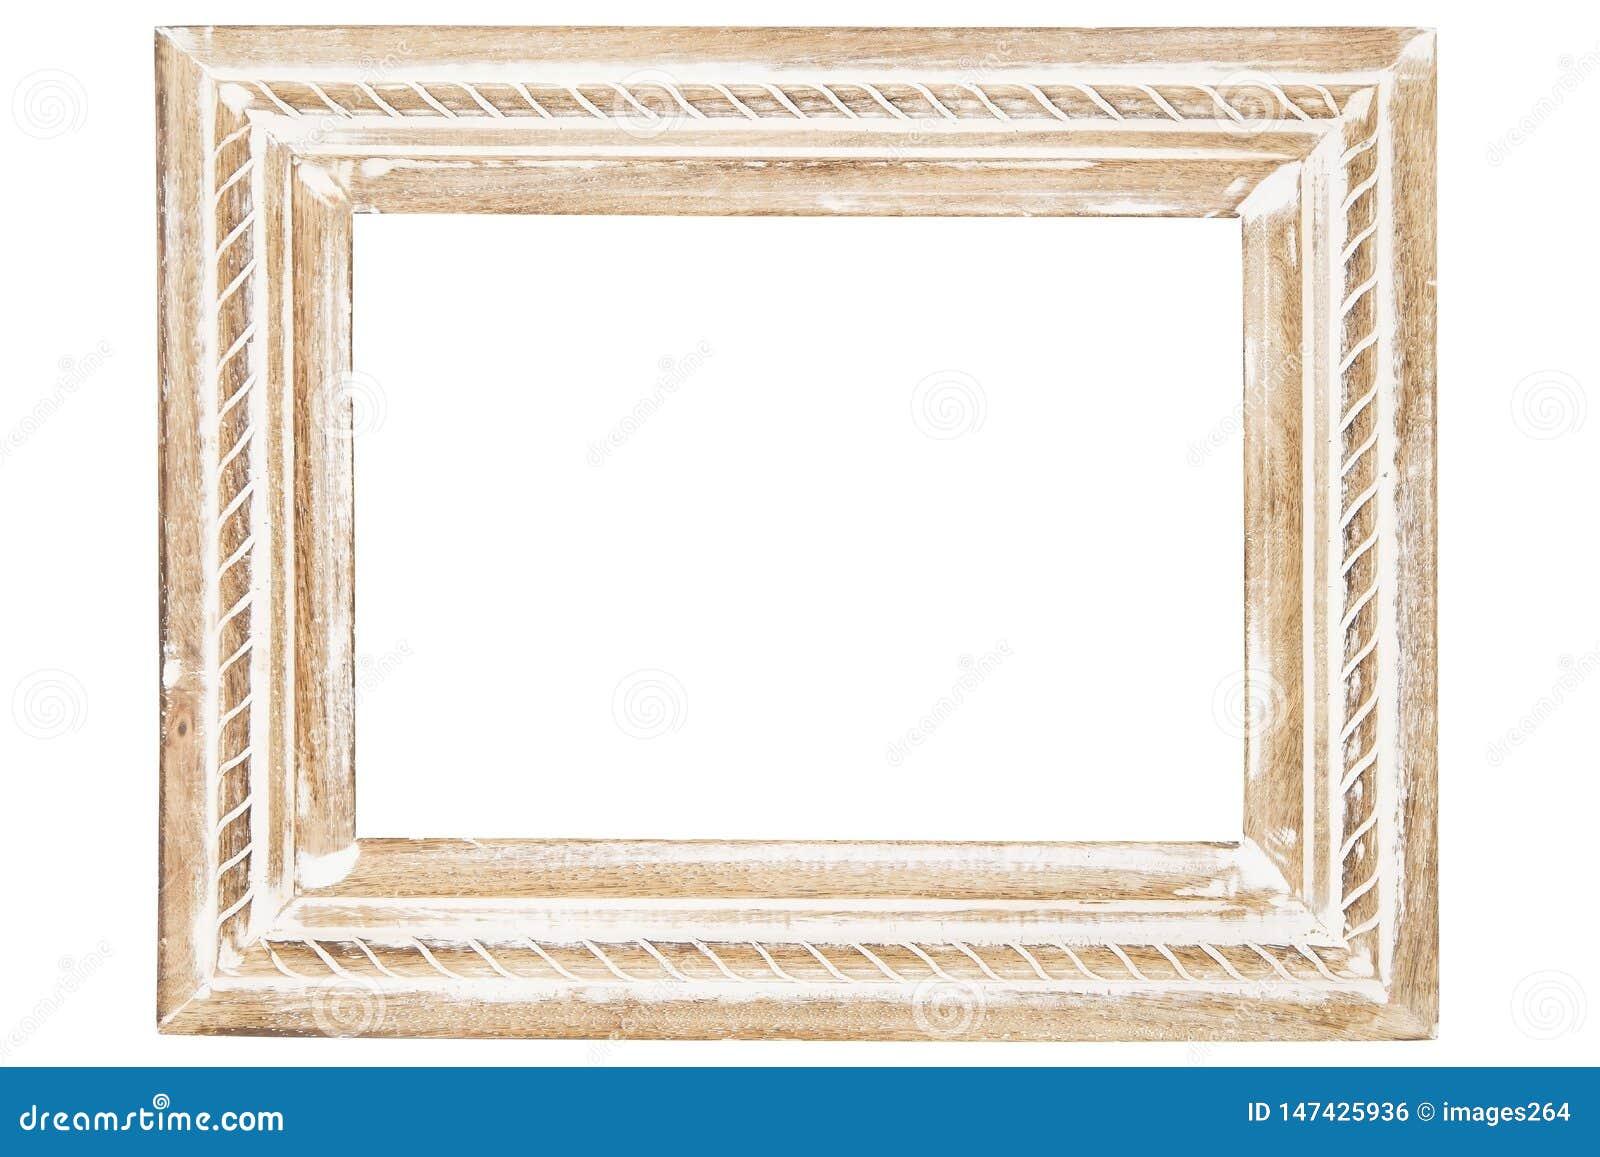 装饰木制框架